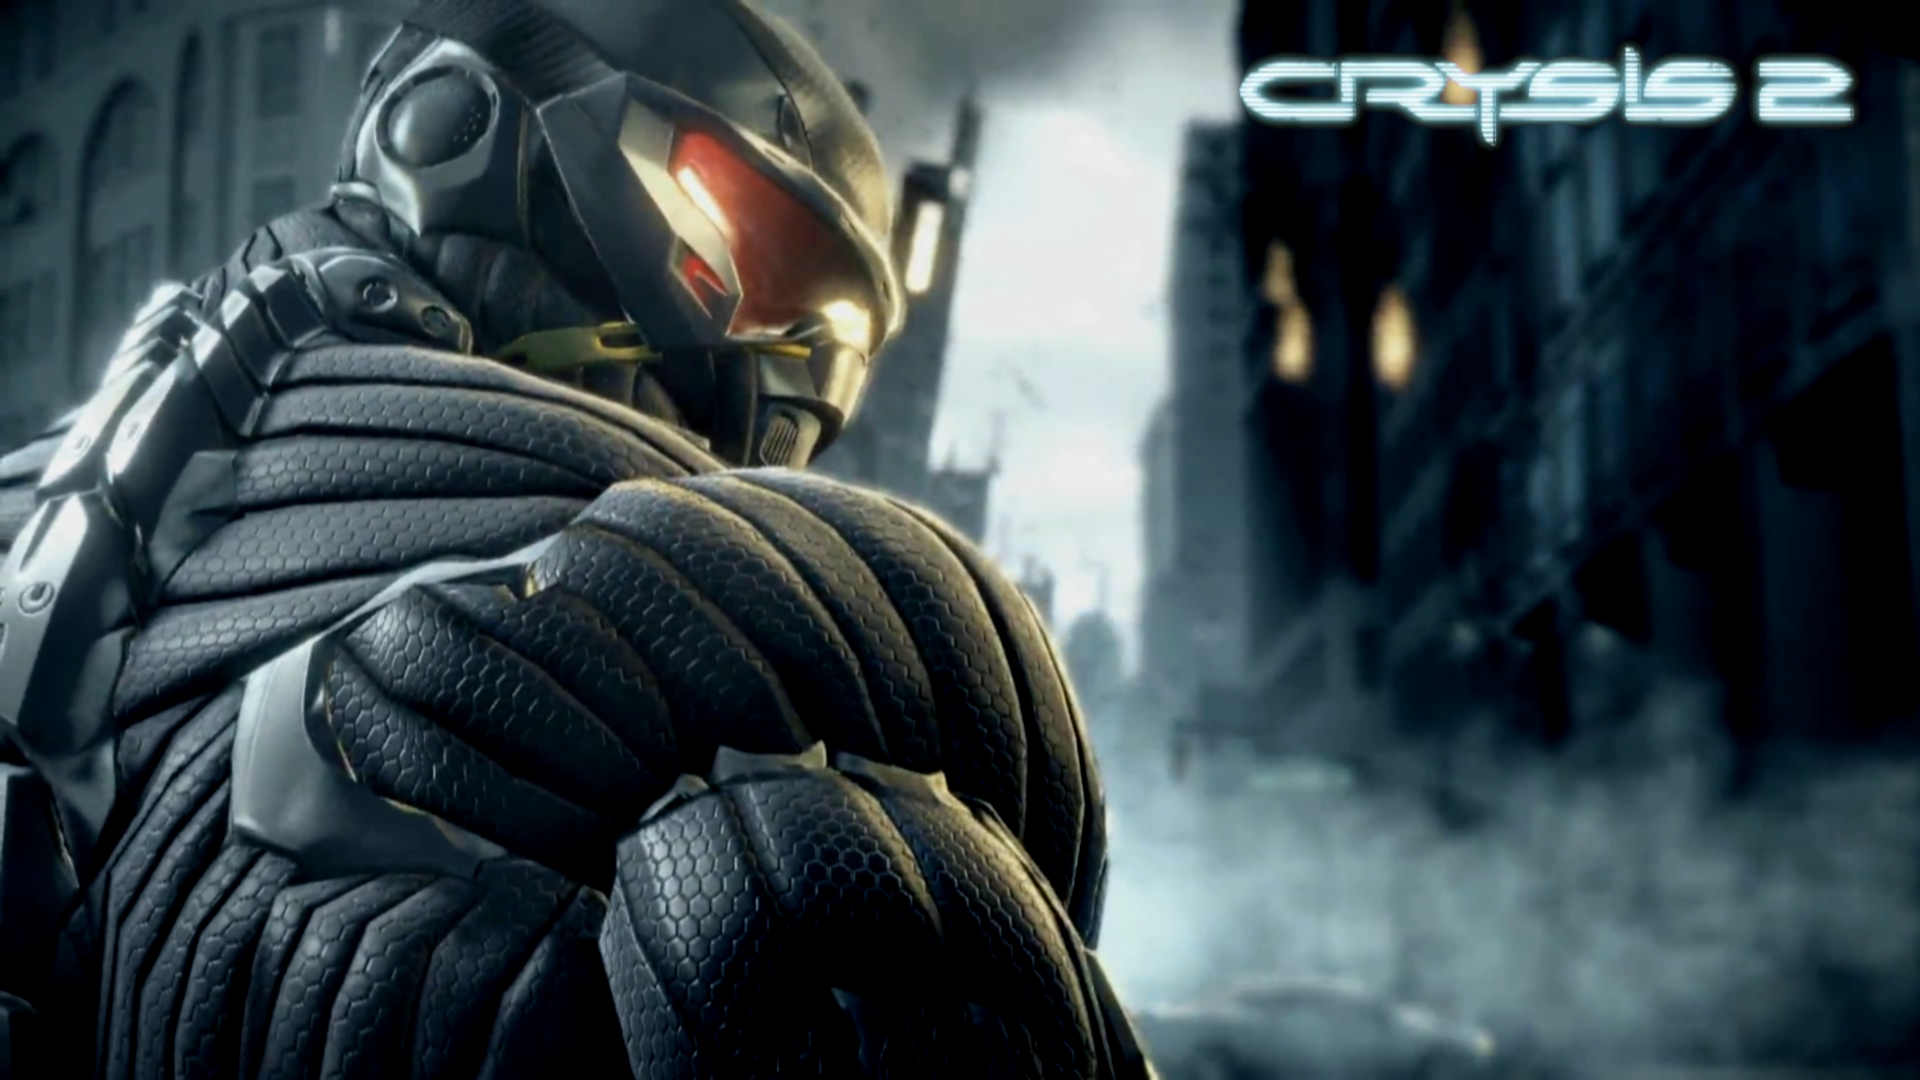 Crysis 2: Crytek ammette leggerezze nello sviluppo della versione PC